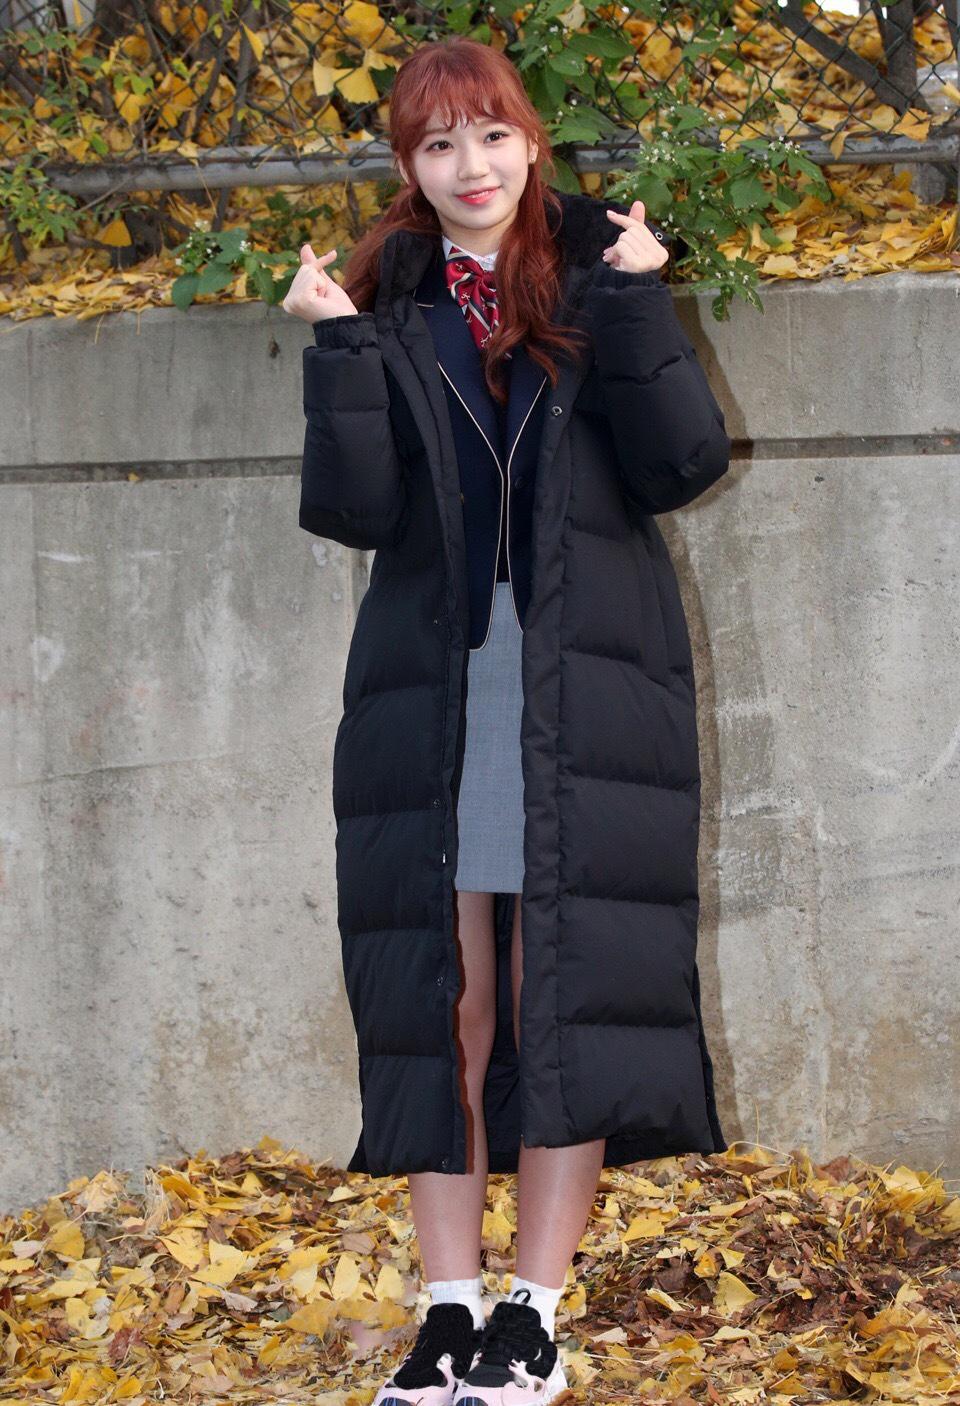 韩国高考竟成爱豆见面会!磪有情黑白配,李彩煐裹棉服居然还露腿